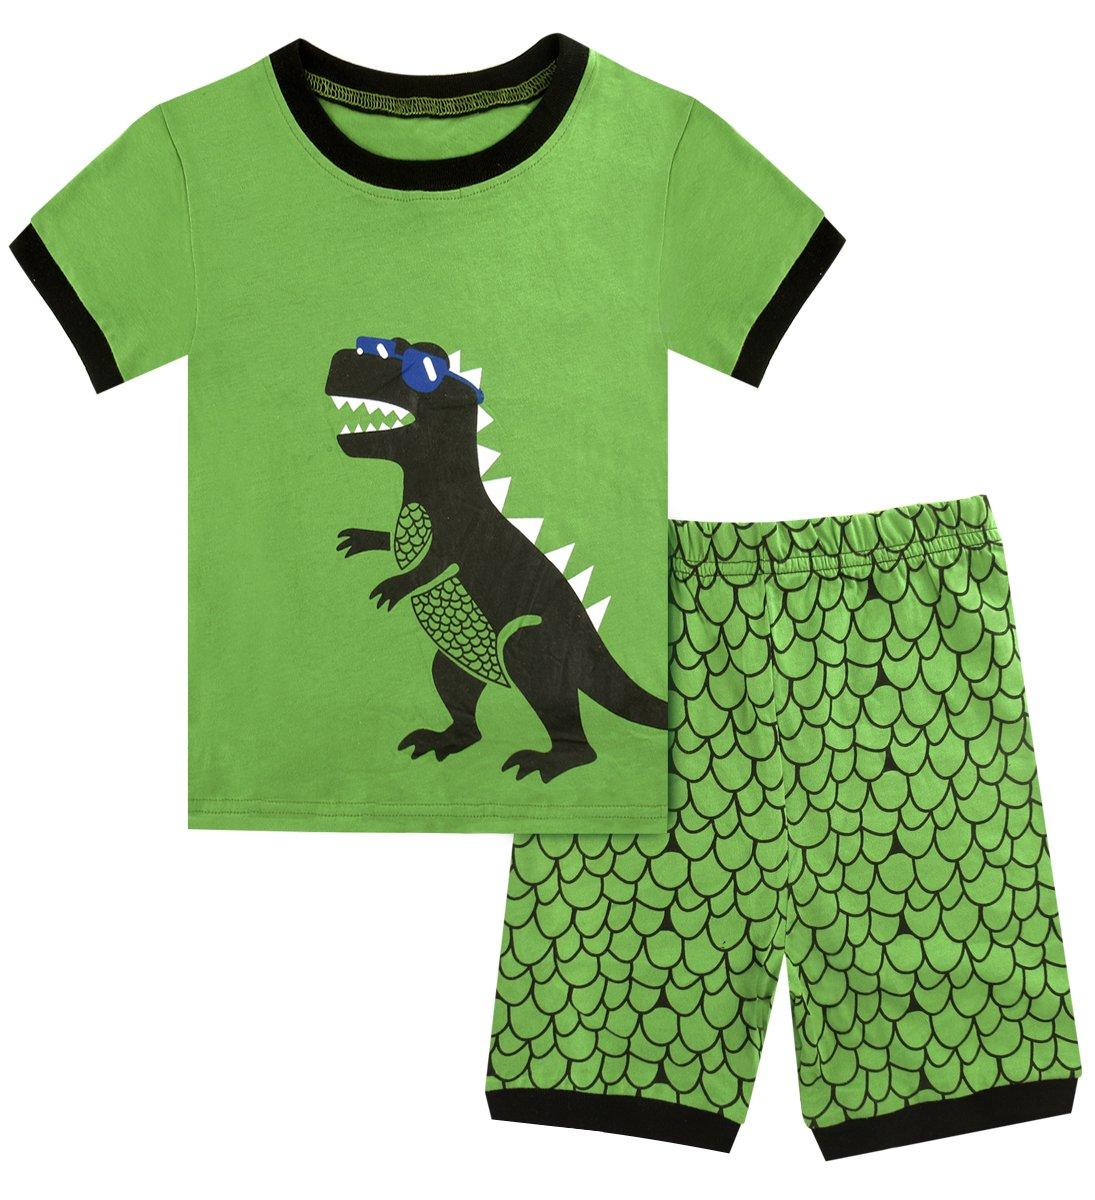 A&J Design Toddler Boys Dinosaur Pajamas Short Sleeve Summer Pjs Sets(3T, Green)